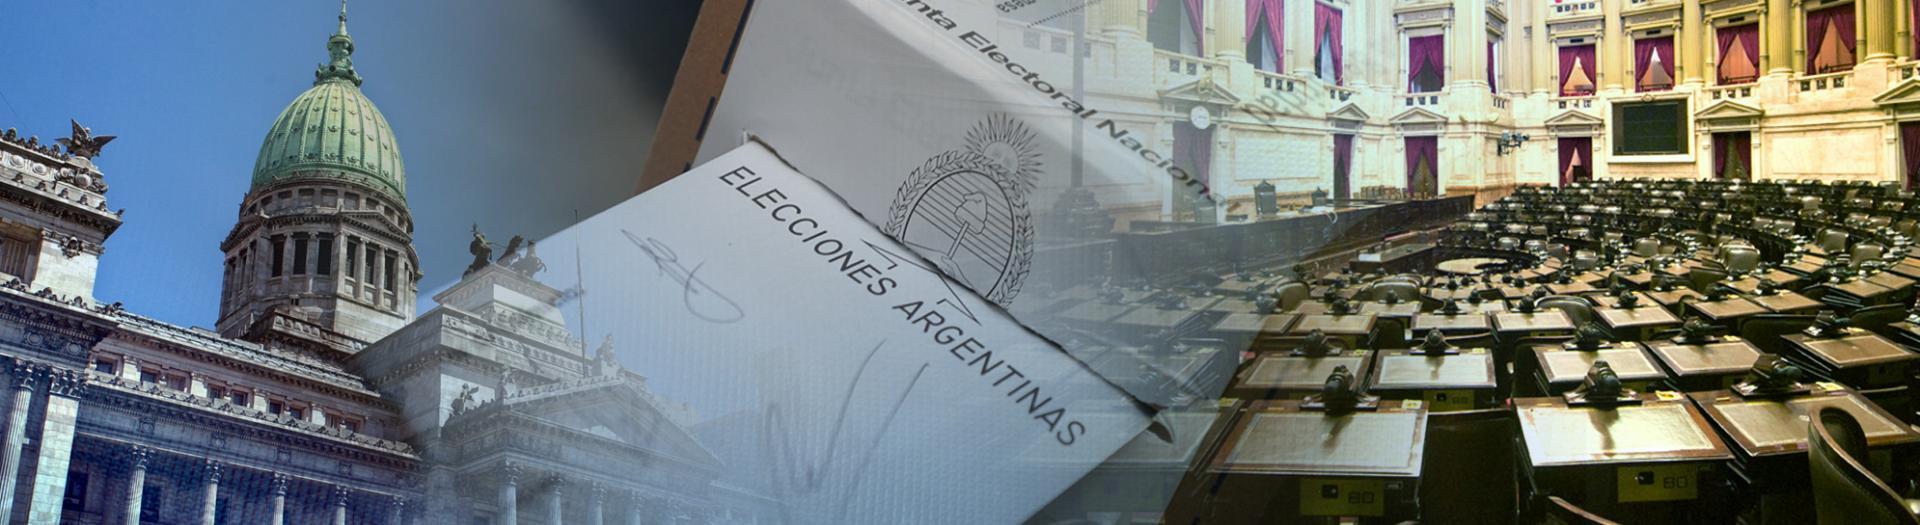 Elecciones 2017 noticias al instante desde for Interior elecciones